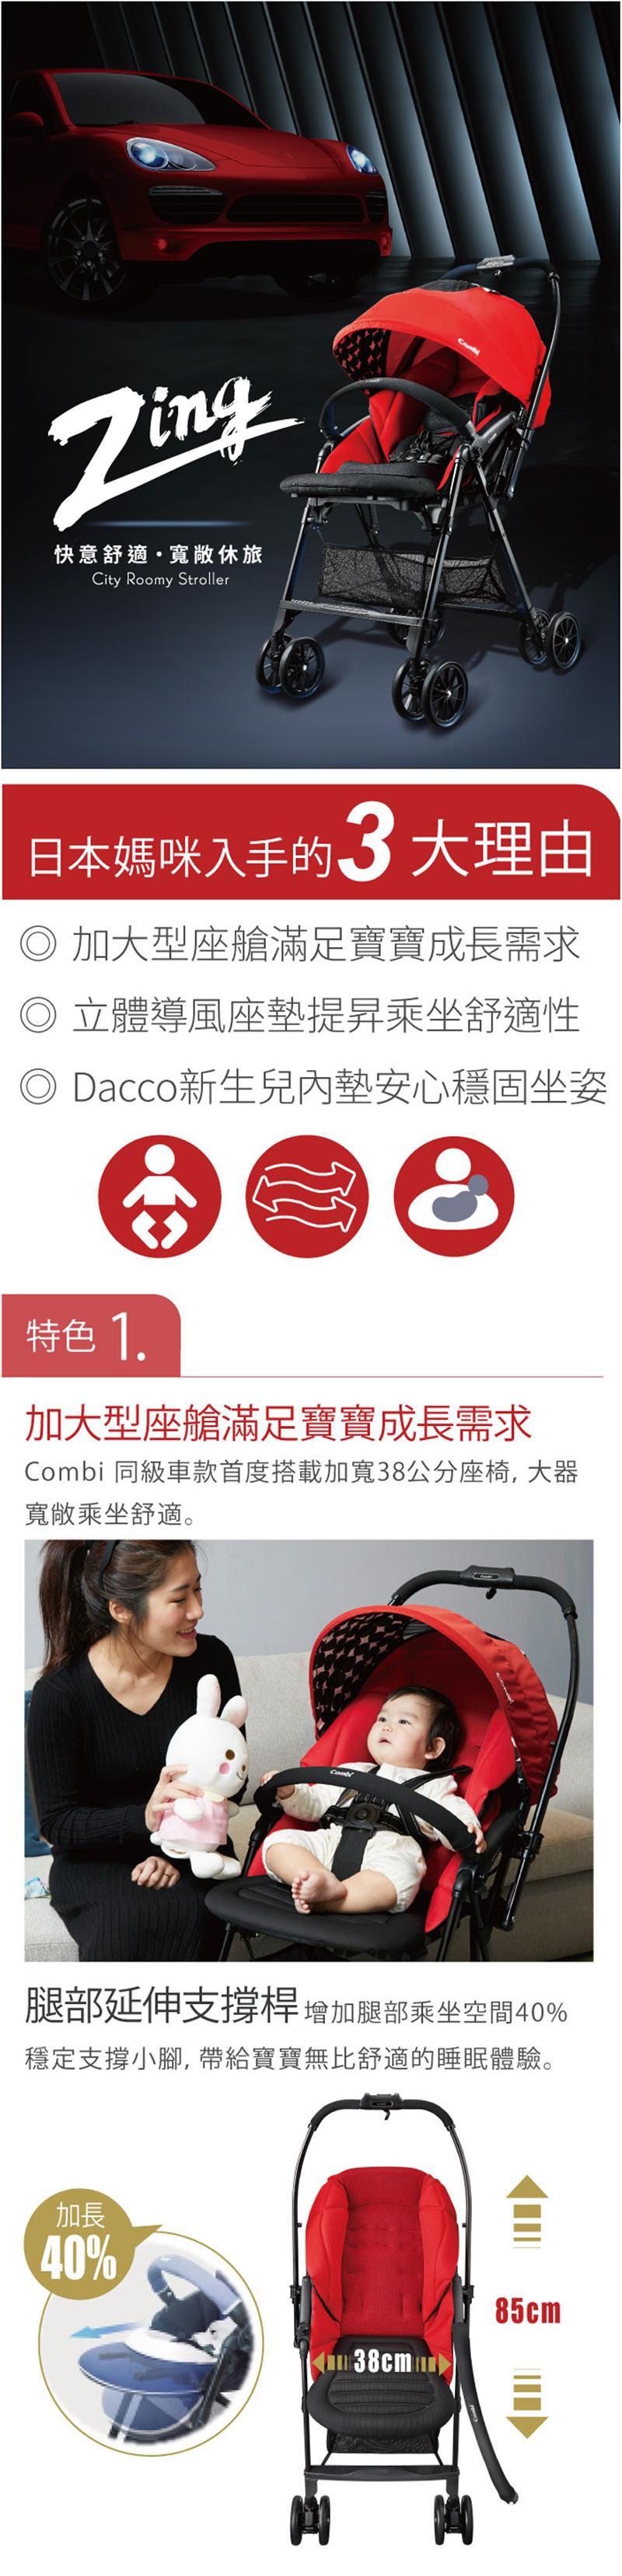 combi-zing-info01